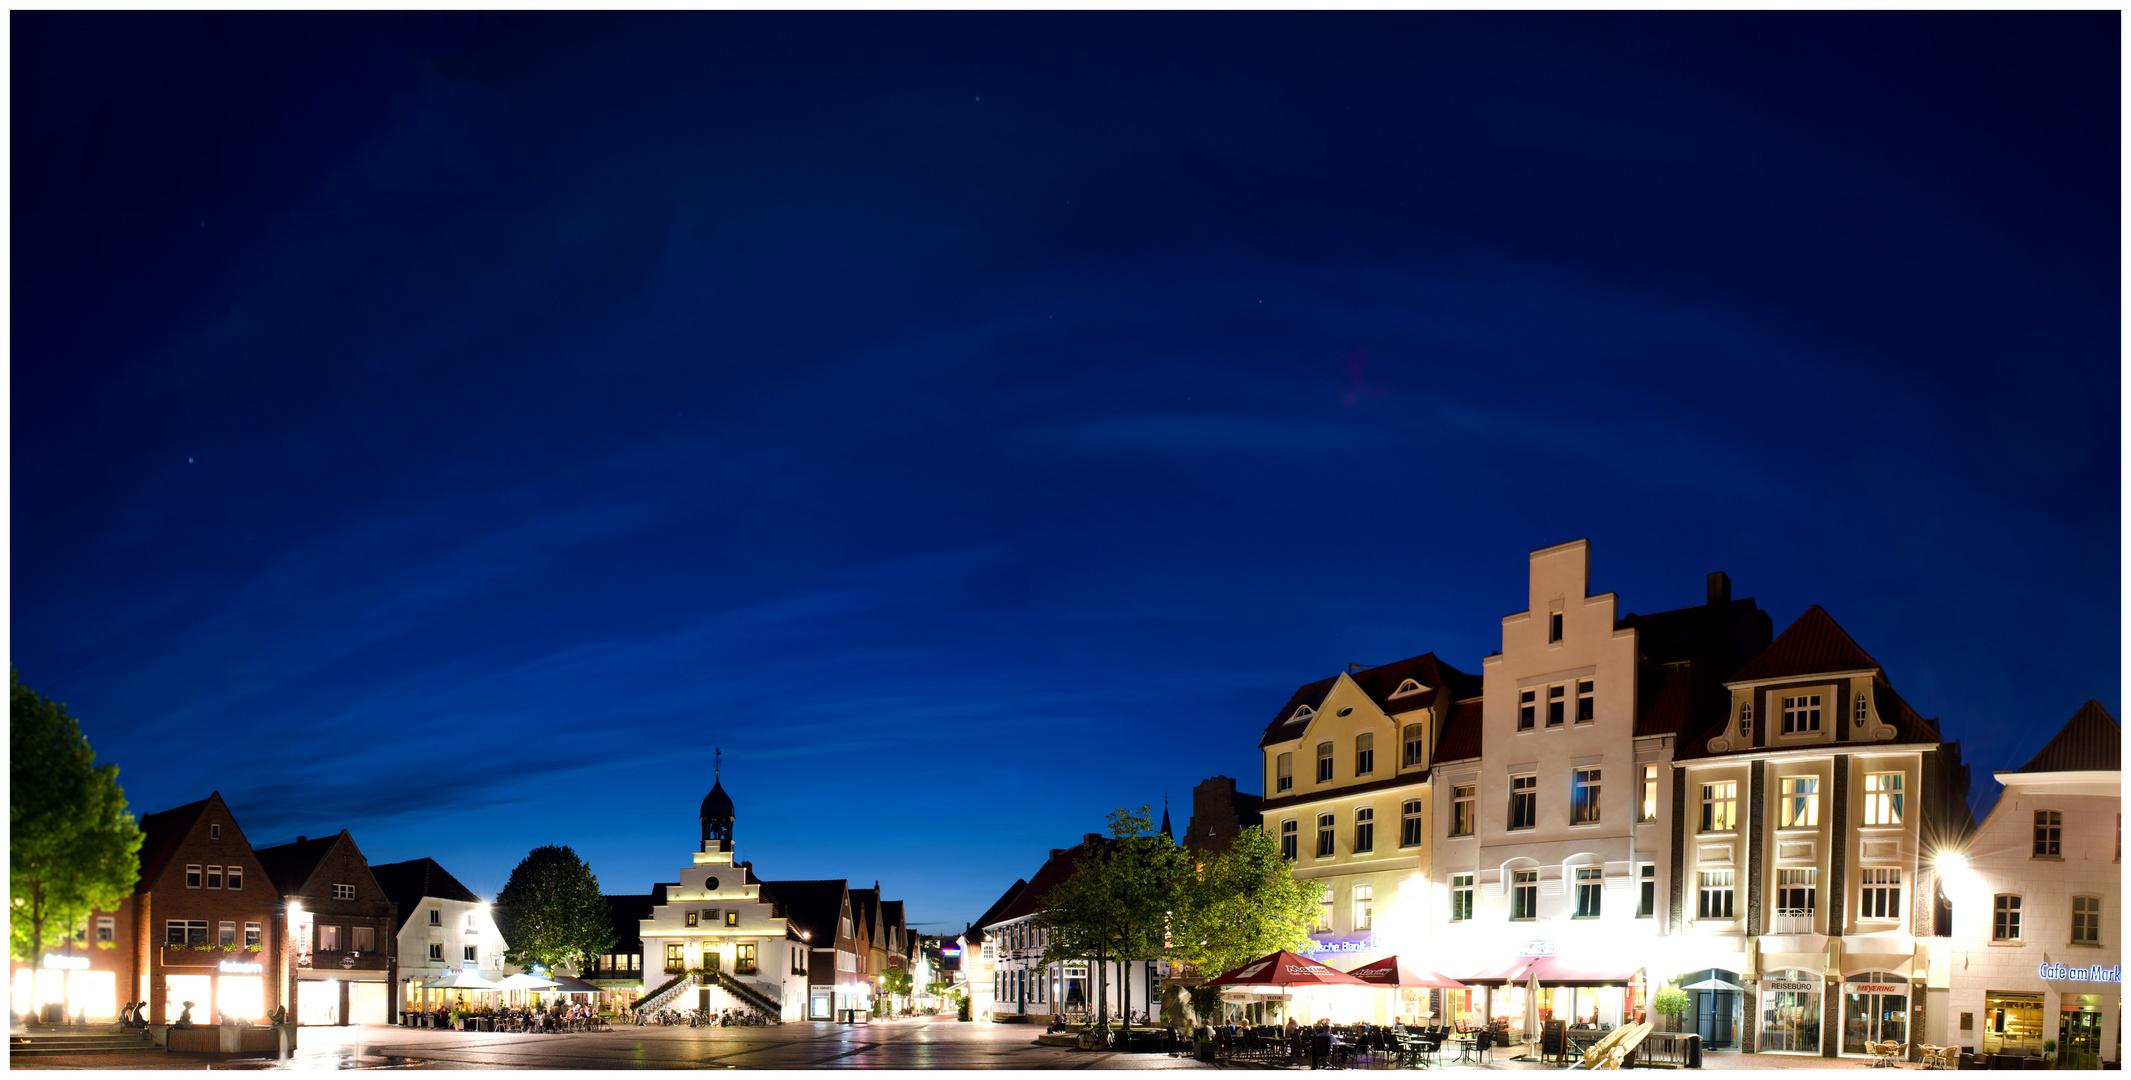 Sommerlicher, abendlicher Blick auf den Marktplatz Lingen